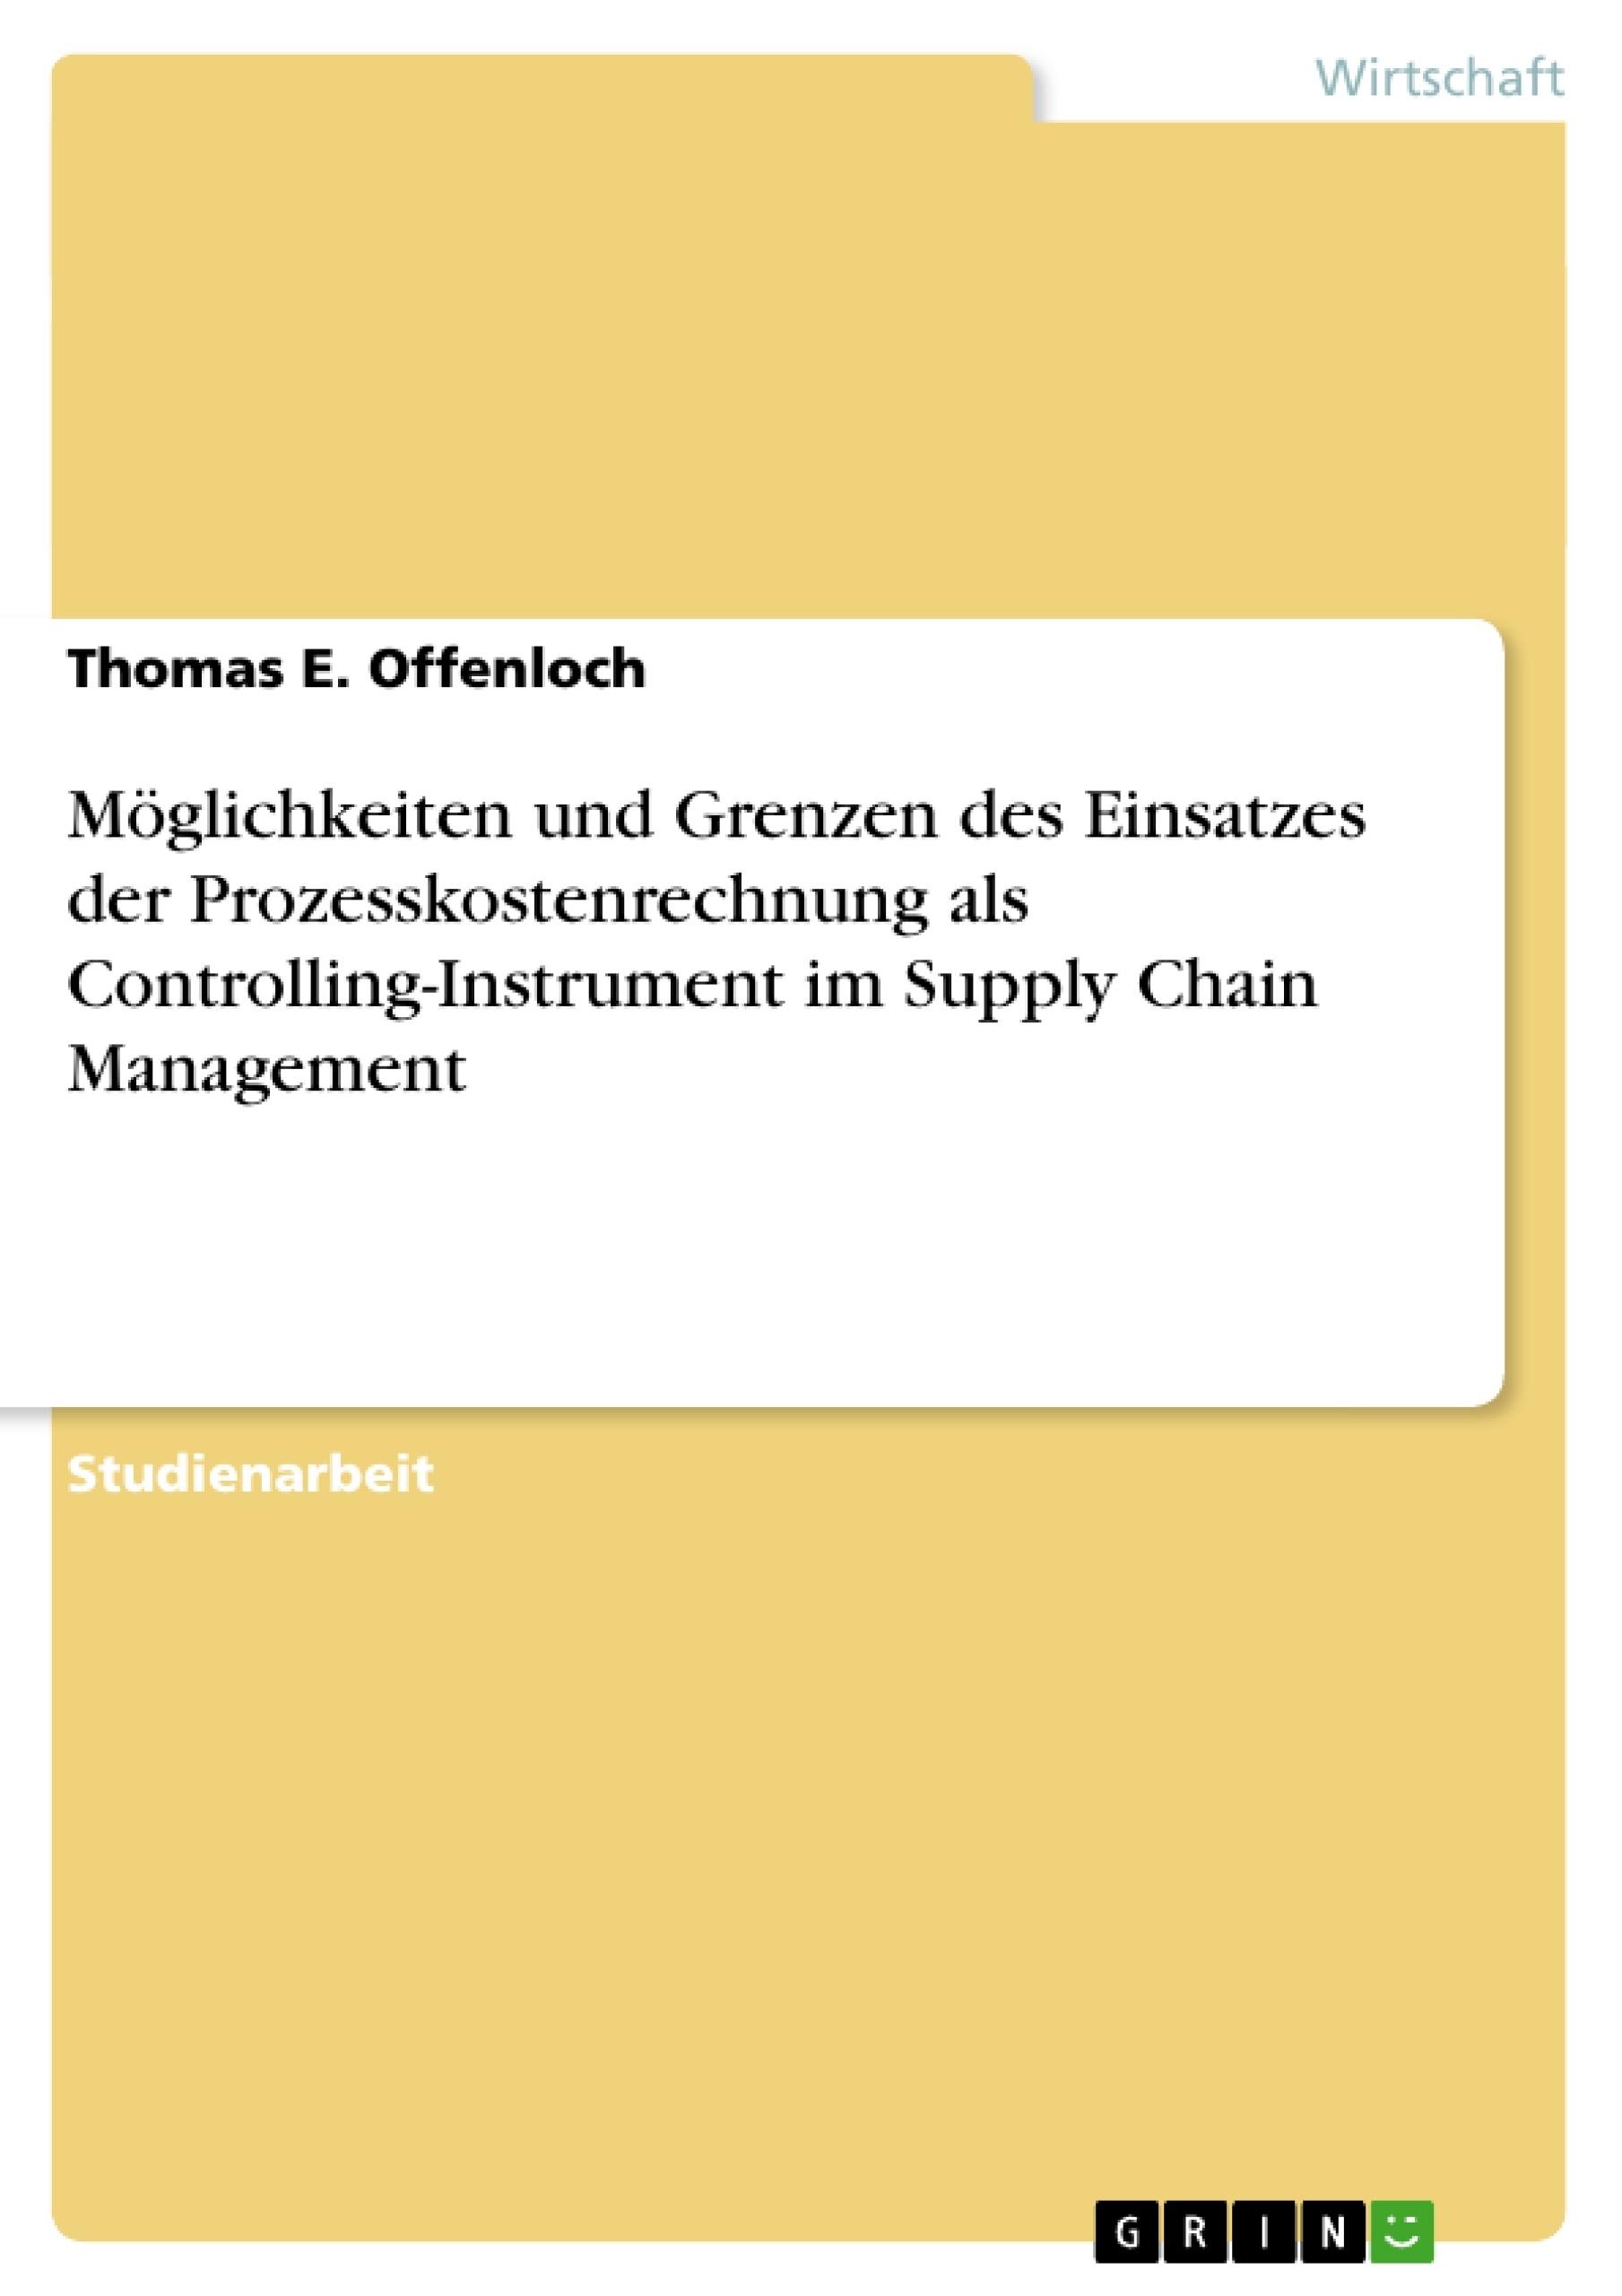 Titel: Möglichkeiten und Grenzen des Einsatzes der Prozesskostenrechnung als Controlling-Instrument im Supply Chain Management